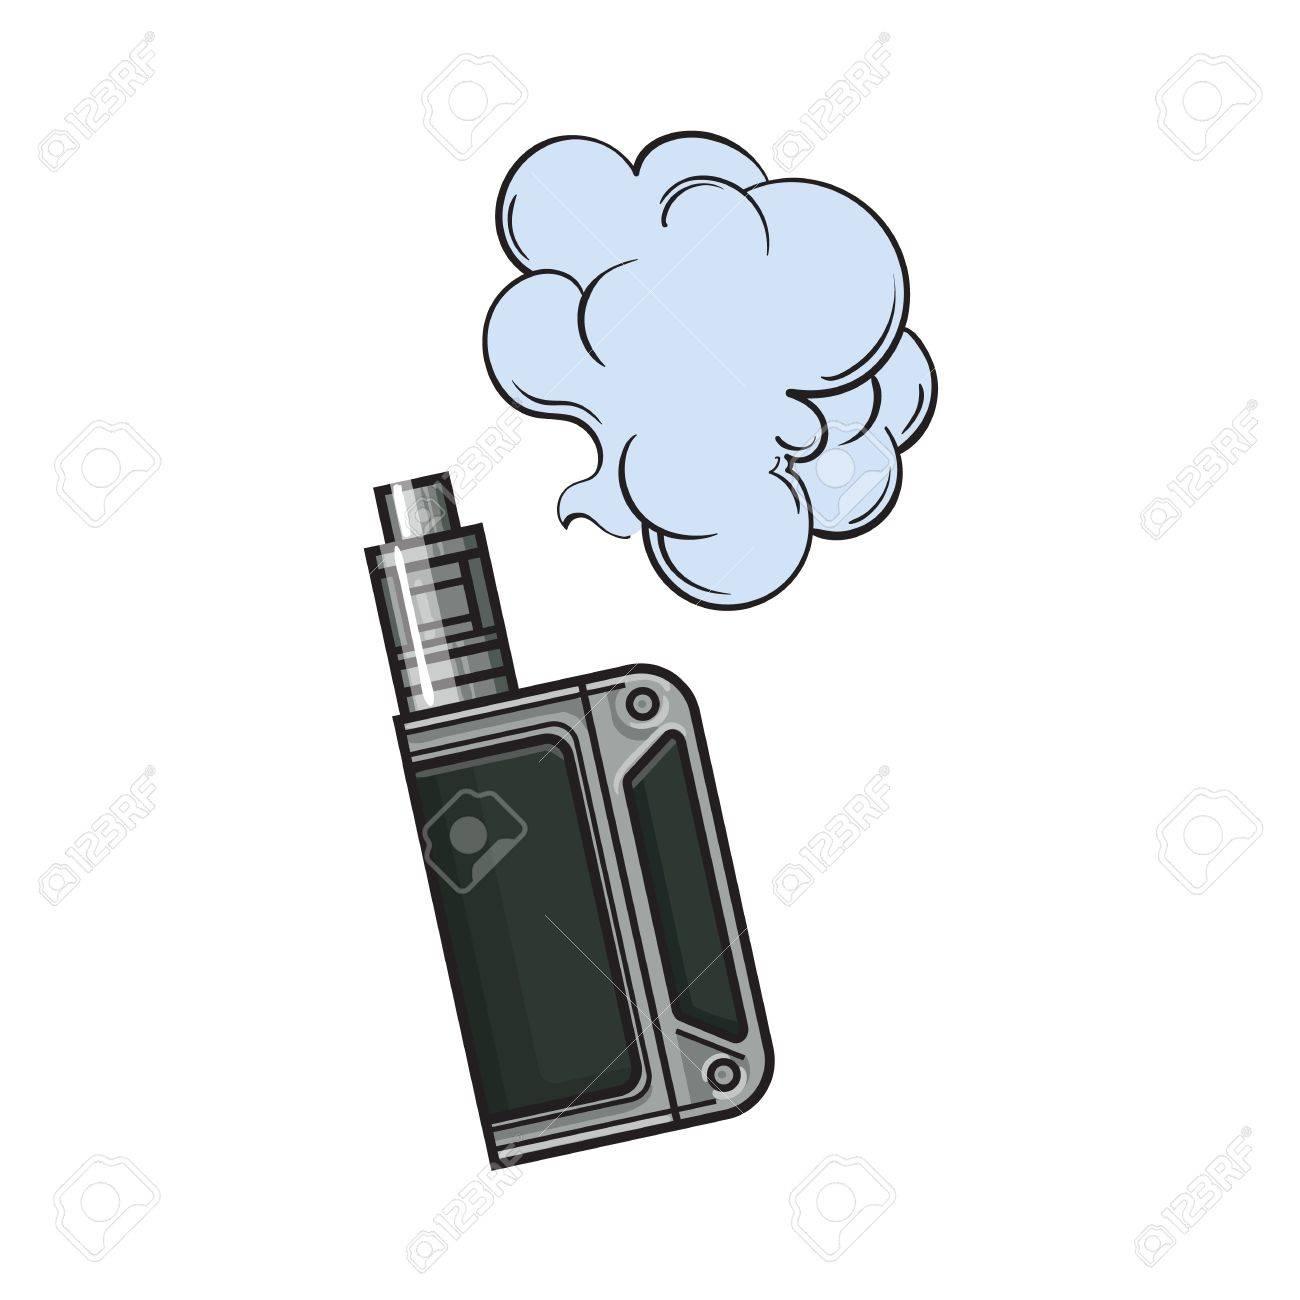 Vape dessiné à la main, appareil de vapotage avec nuage de fumée,  illustration de vecteur de croquis isolé sur fond blanc  Dessin réaliste de  la vape